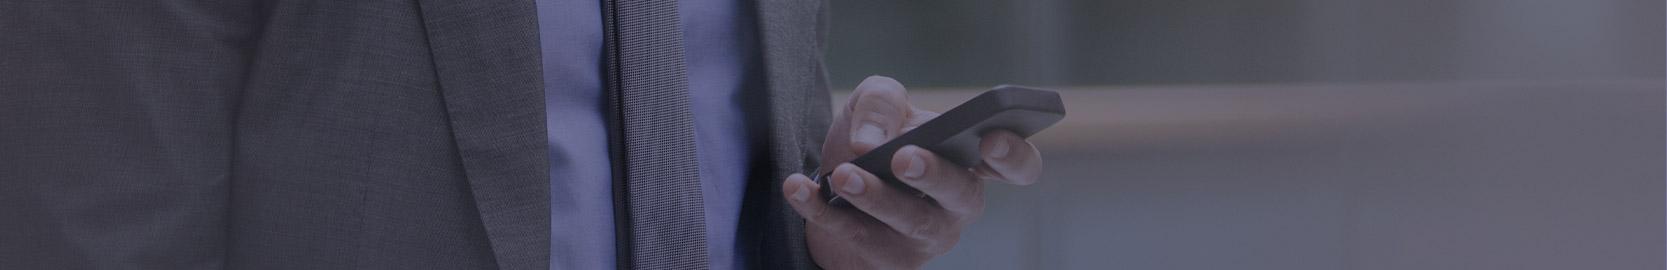 Evollo App Monitor para análise de dados de Aplicativos